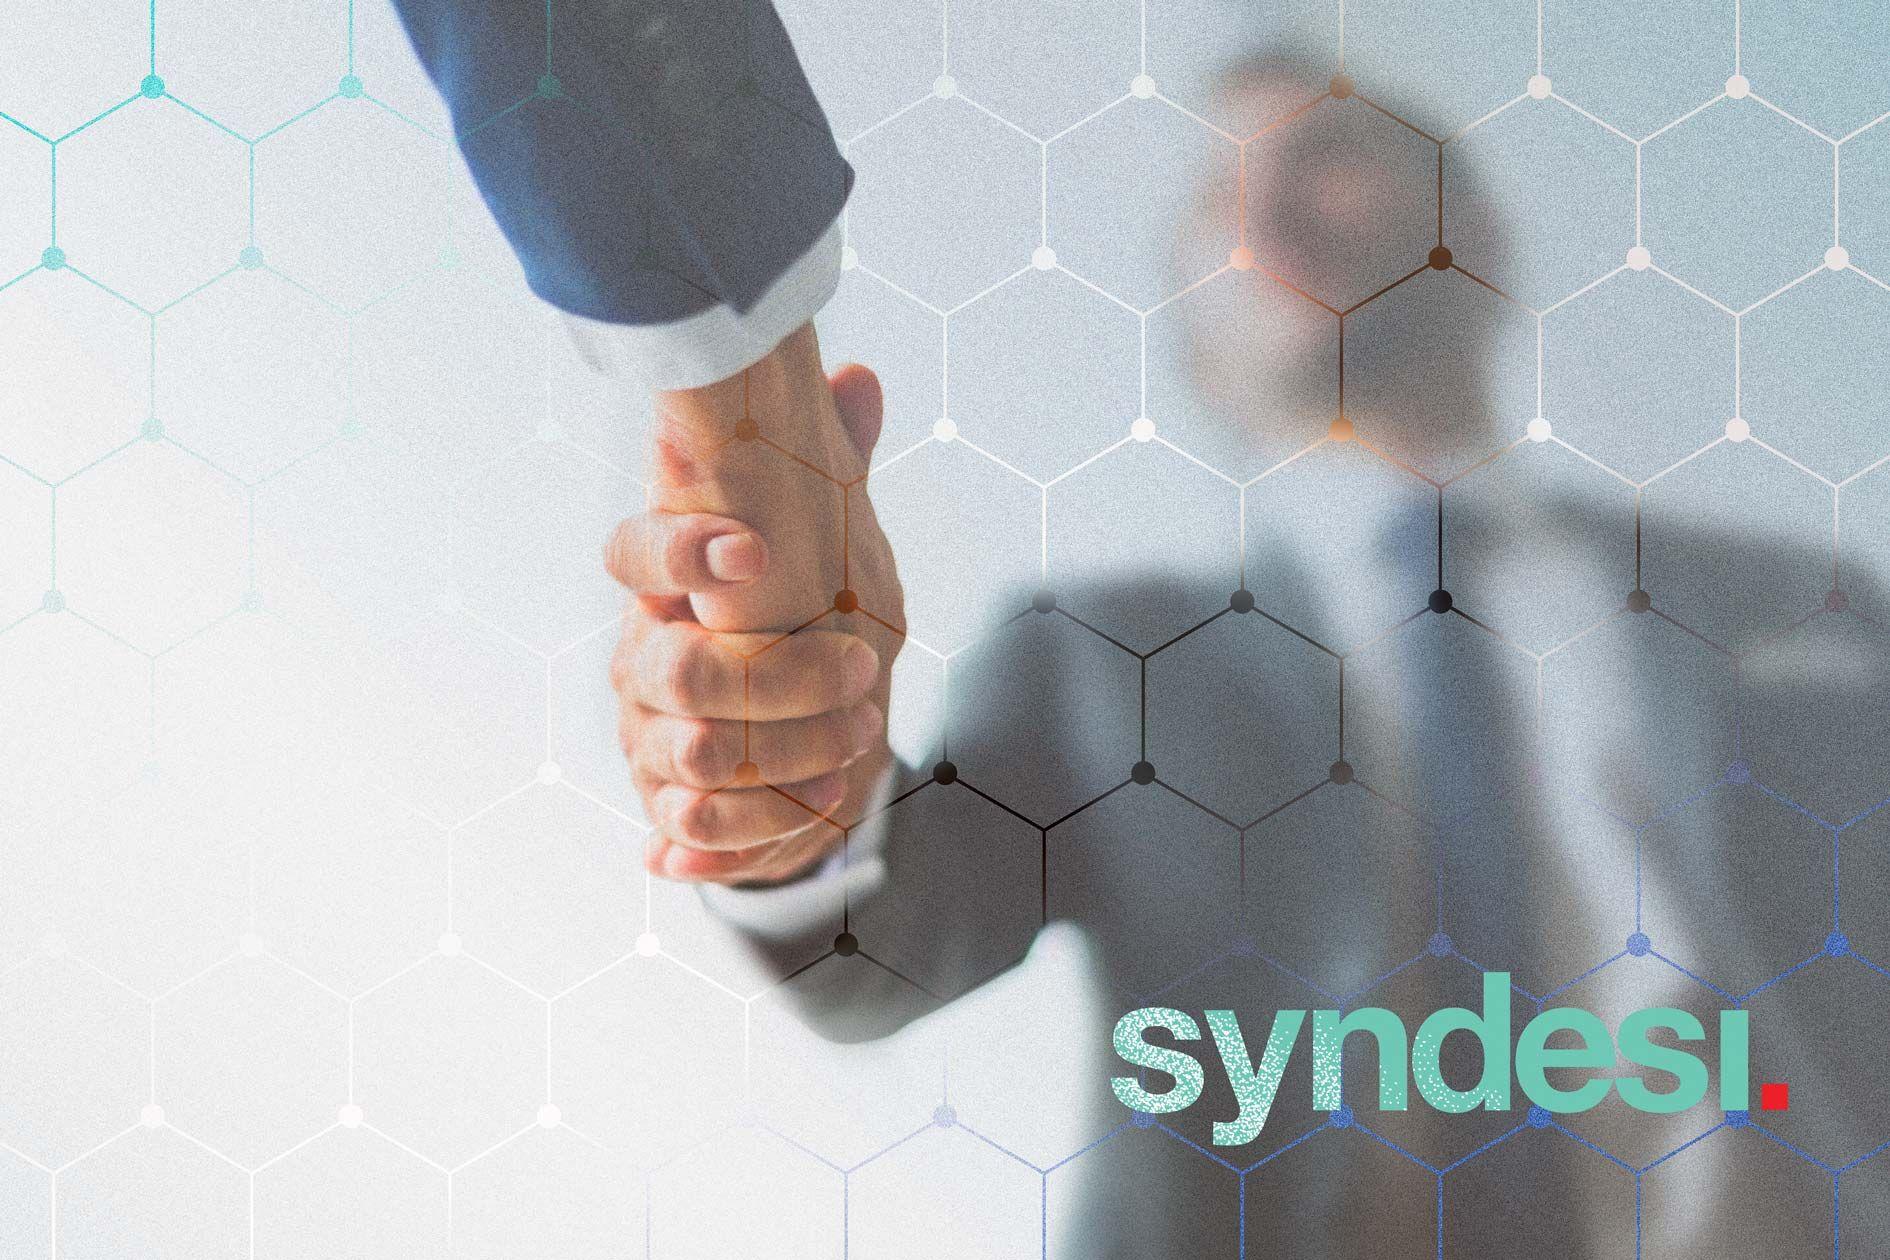 Syndesi Consulting centra sus esfuerzos en aportar valor añadido a los procesos de sus clientes